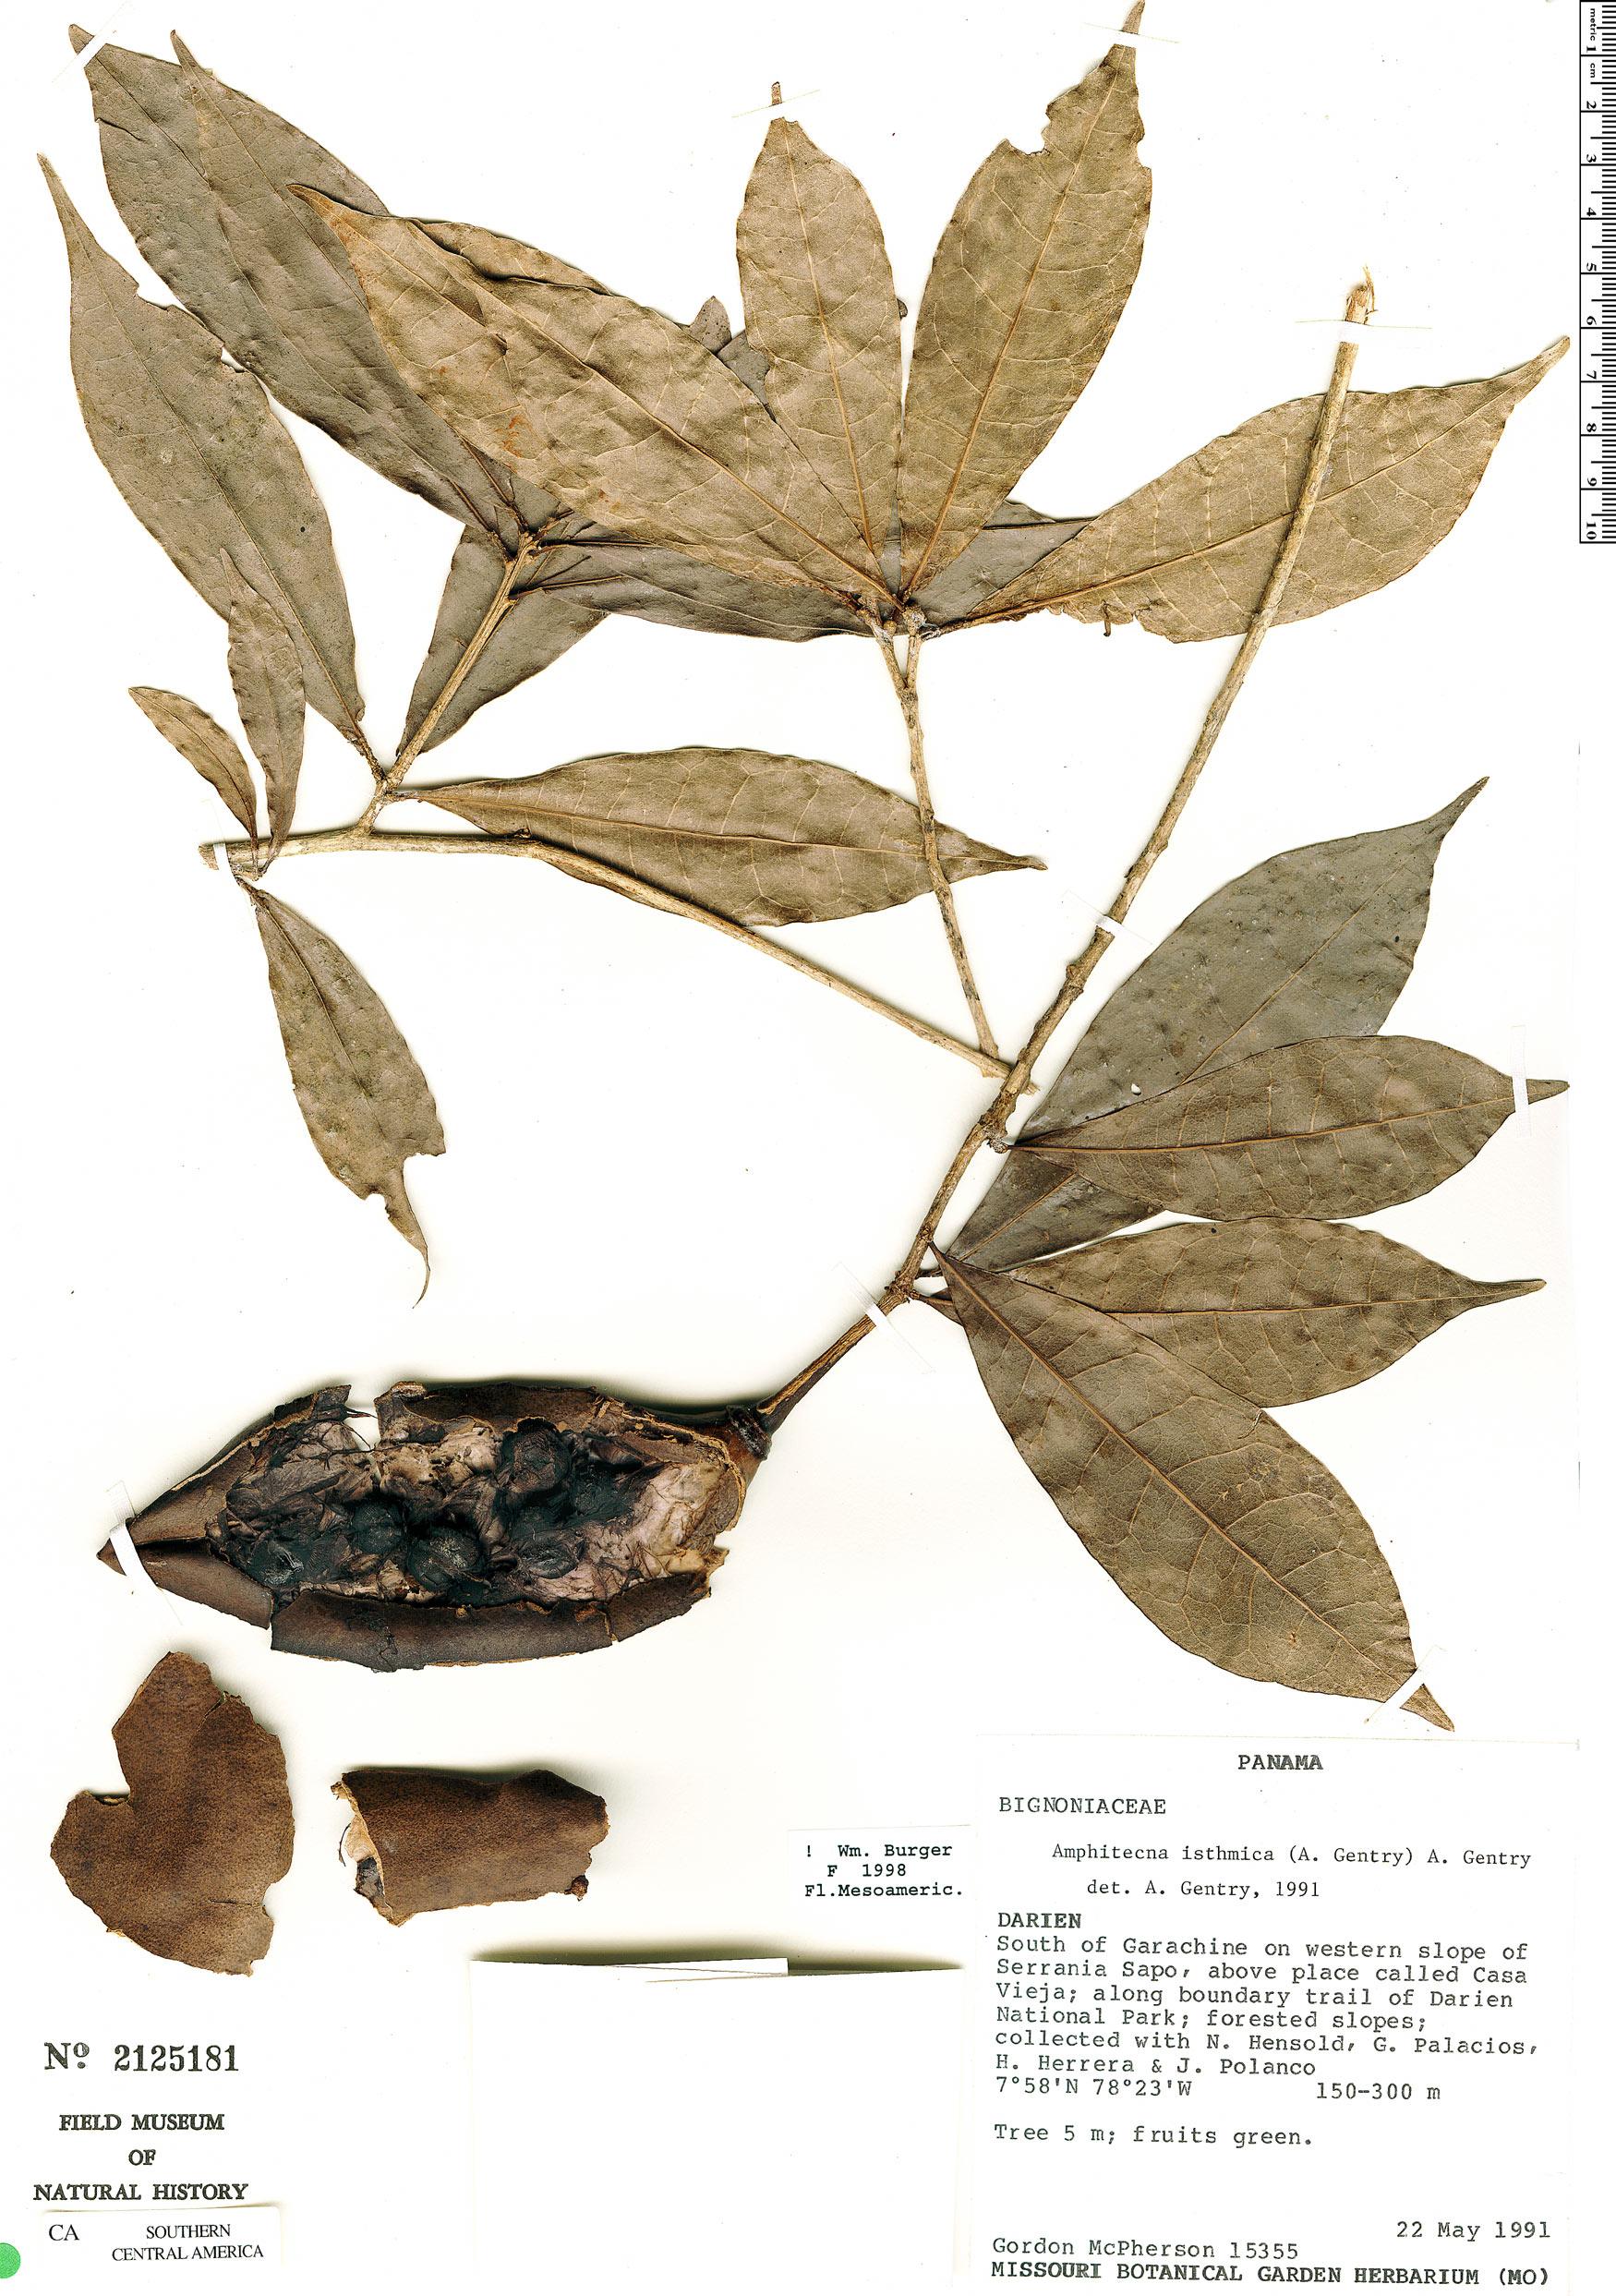 Specimen: Amphitecna isthmica